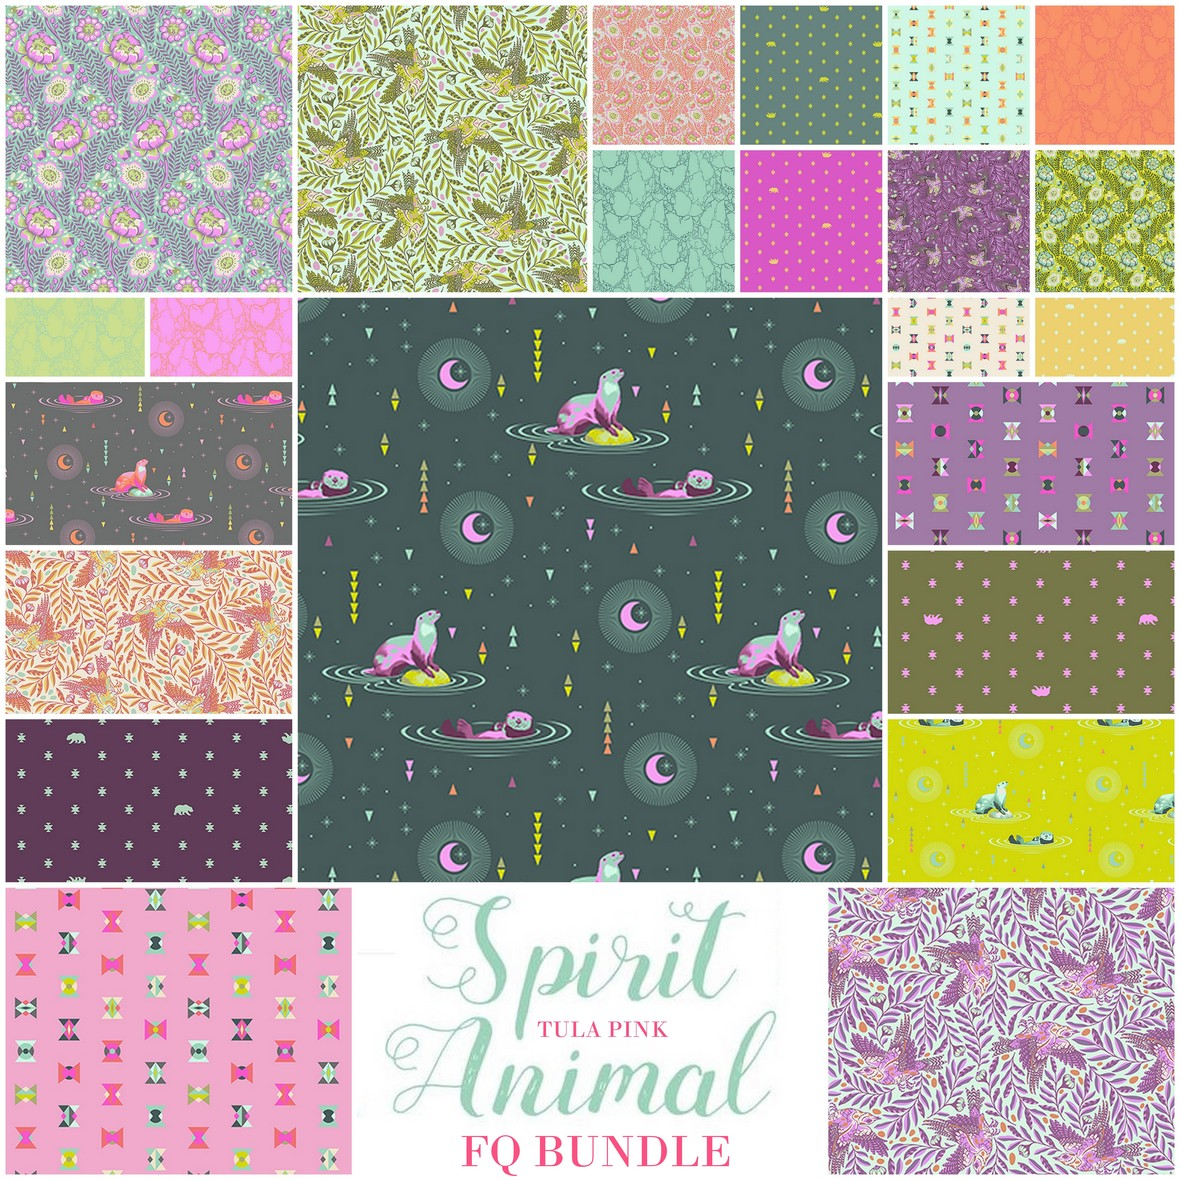 Tula Pink Spirit Animal - Copy